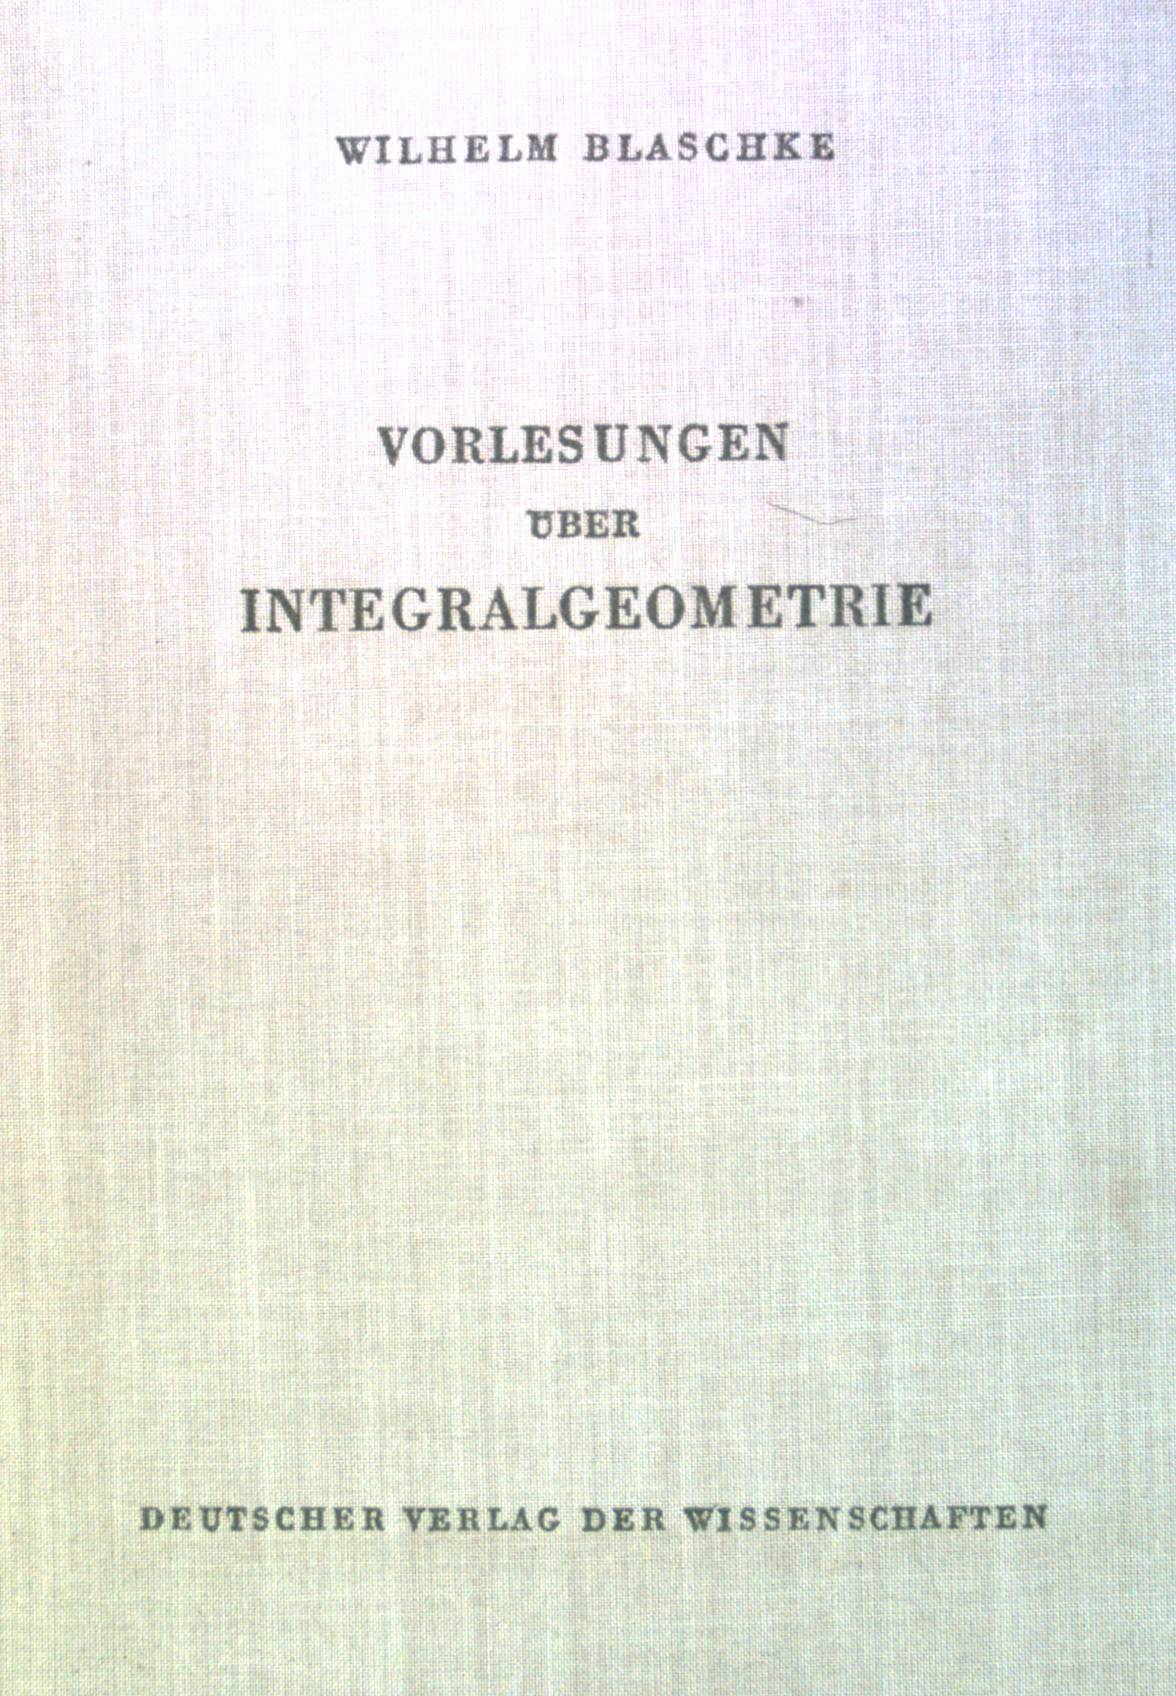 Vorlesungen über Integralgeometrie.: Blaschke, Wilhelm: